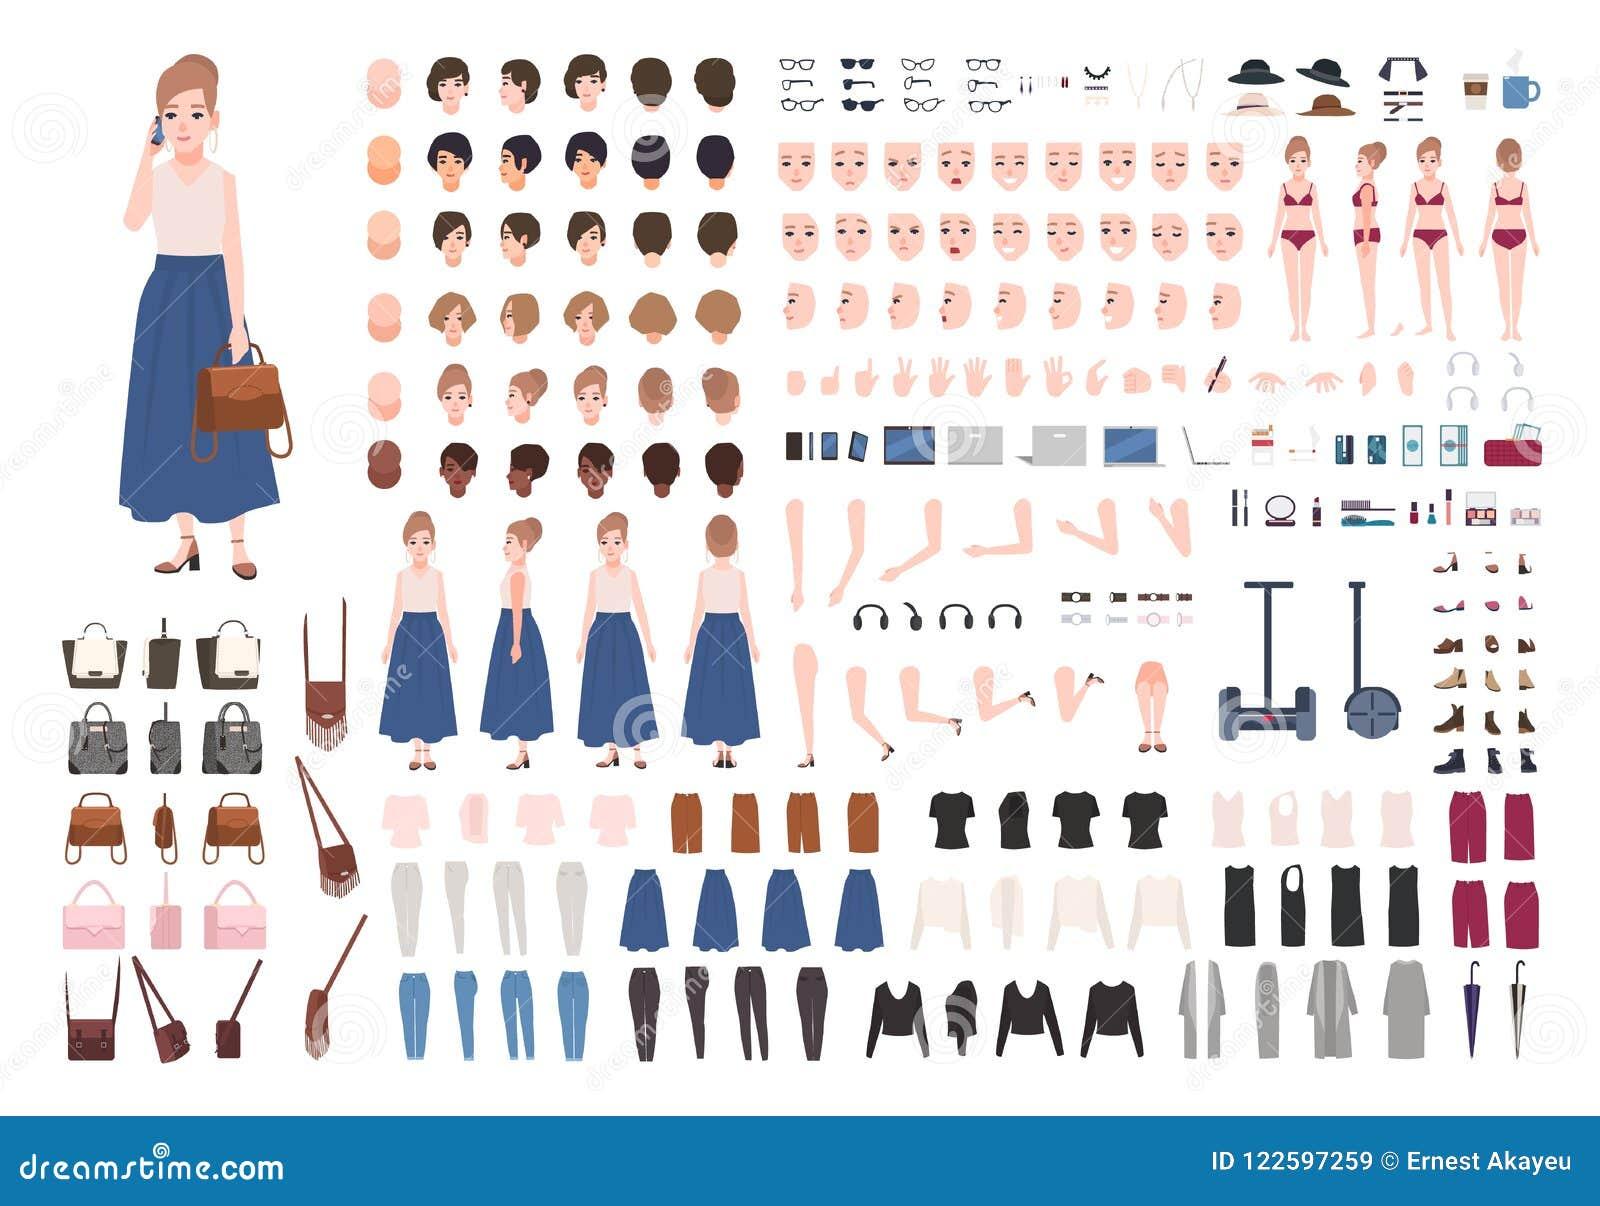 Современные конструктор молодой женщины или набор анимации Собрание частей тела женского характера, жестов, стильной одежды